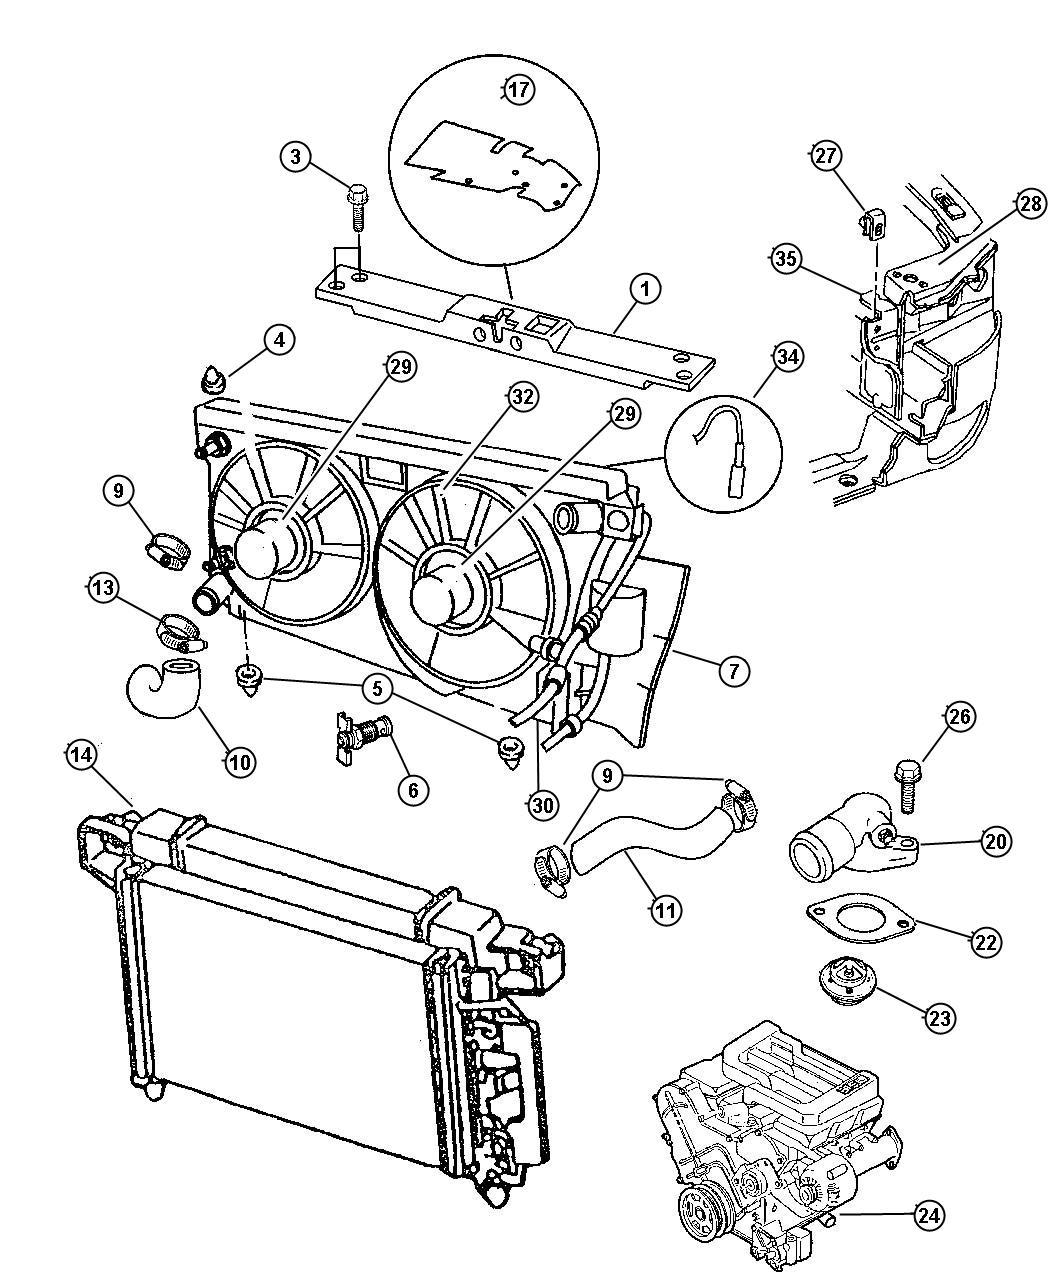 Chrysler Lhs Motor Radiator Fan Right Engine Related